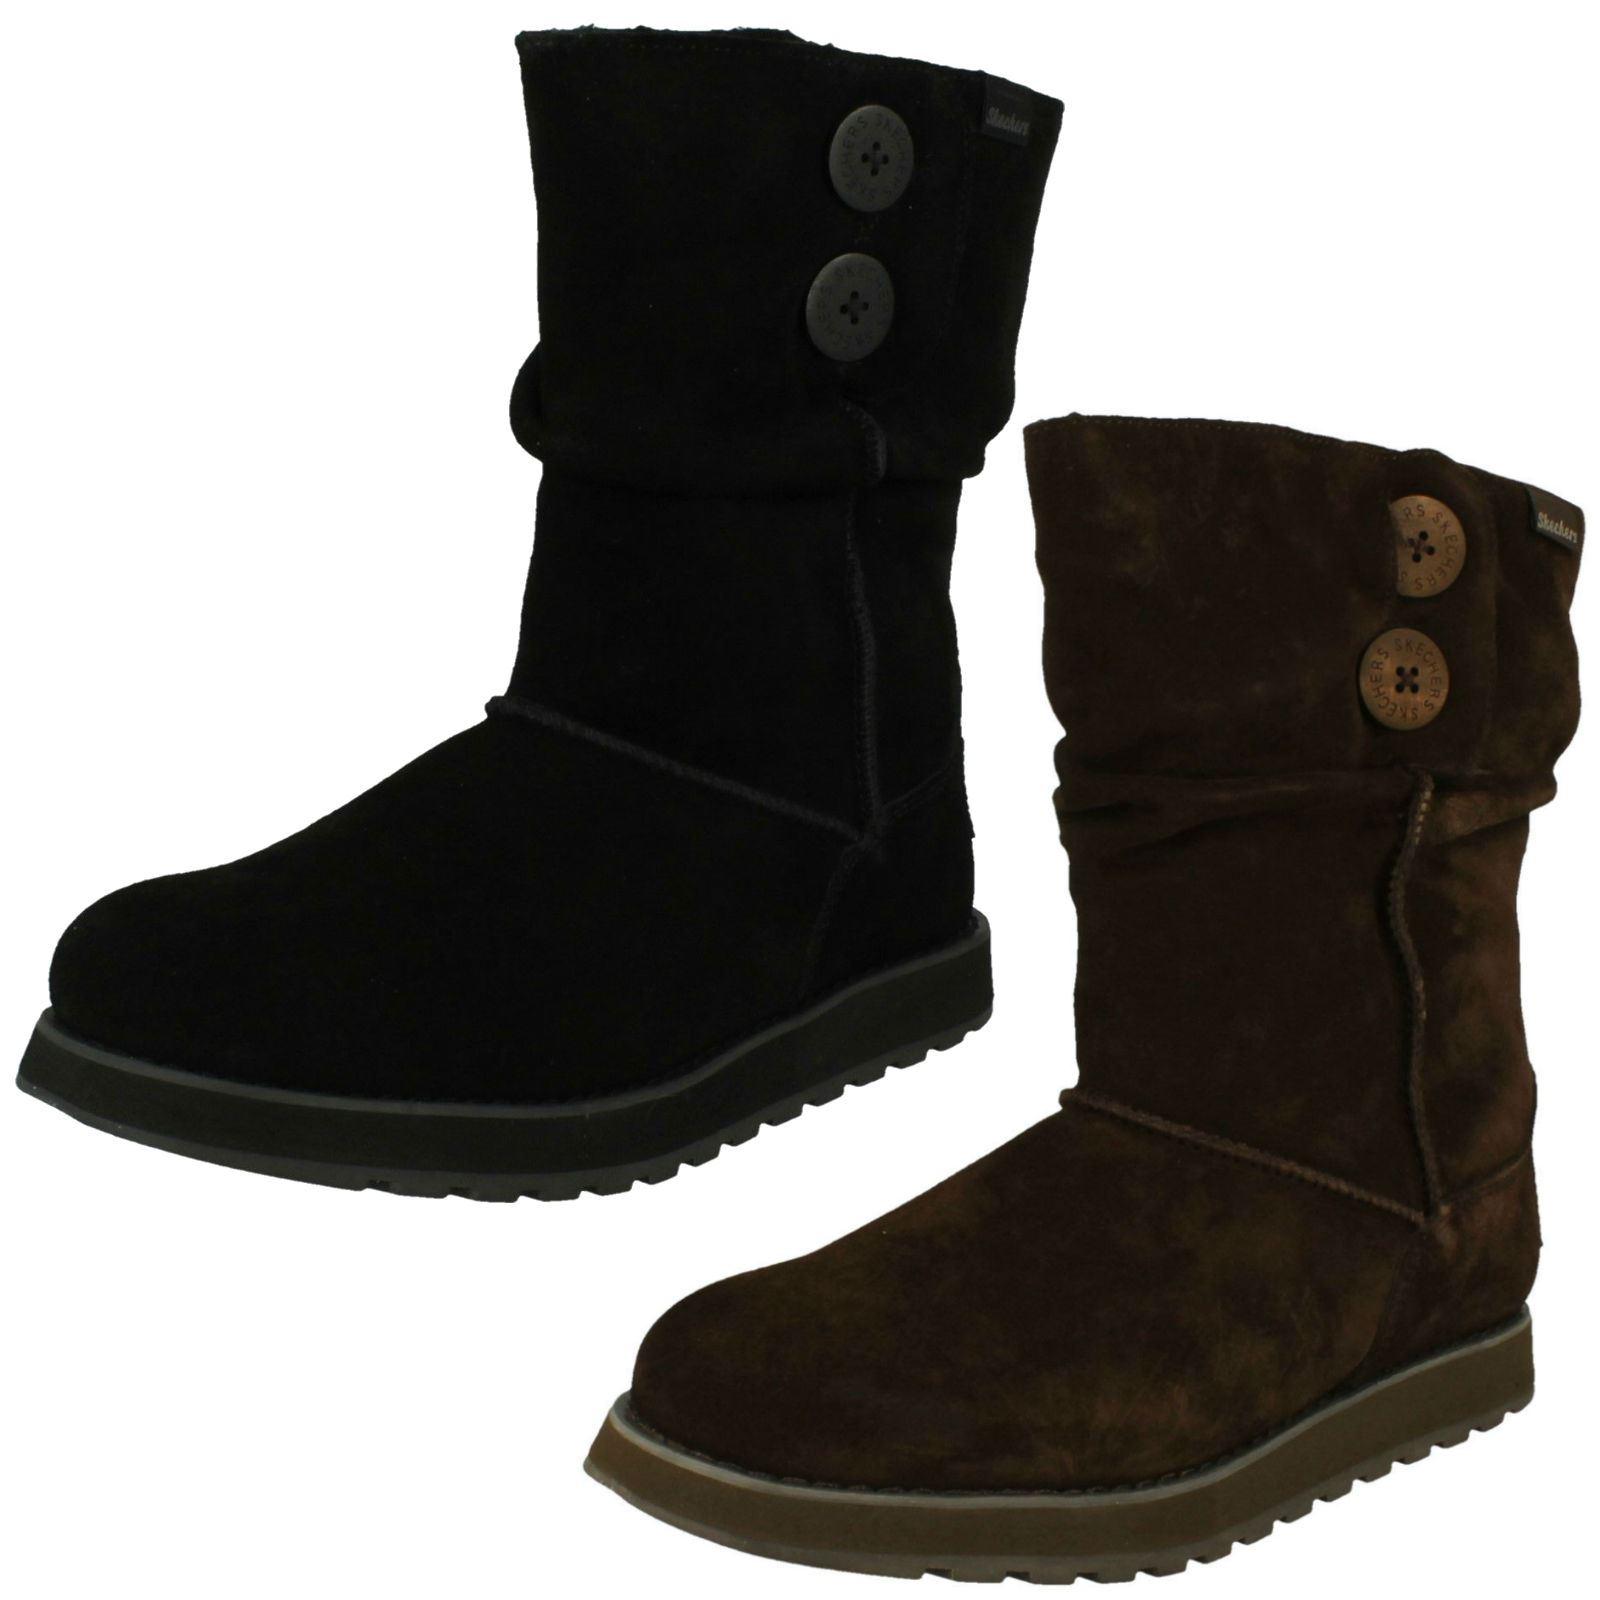 c2aec01b83139 Image is loading Ladies-Skechers-Casual-Hook-amp-Loop-Leather-Winter-